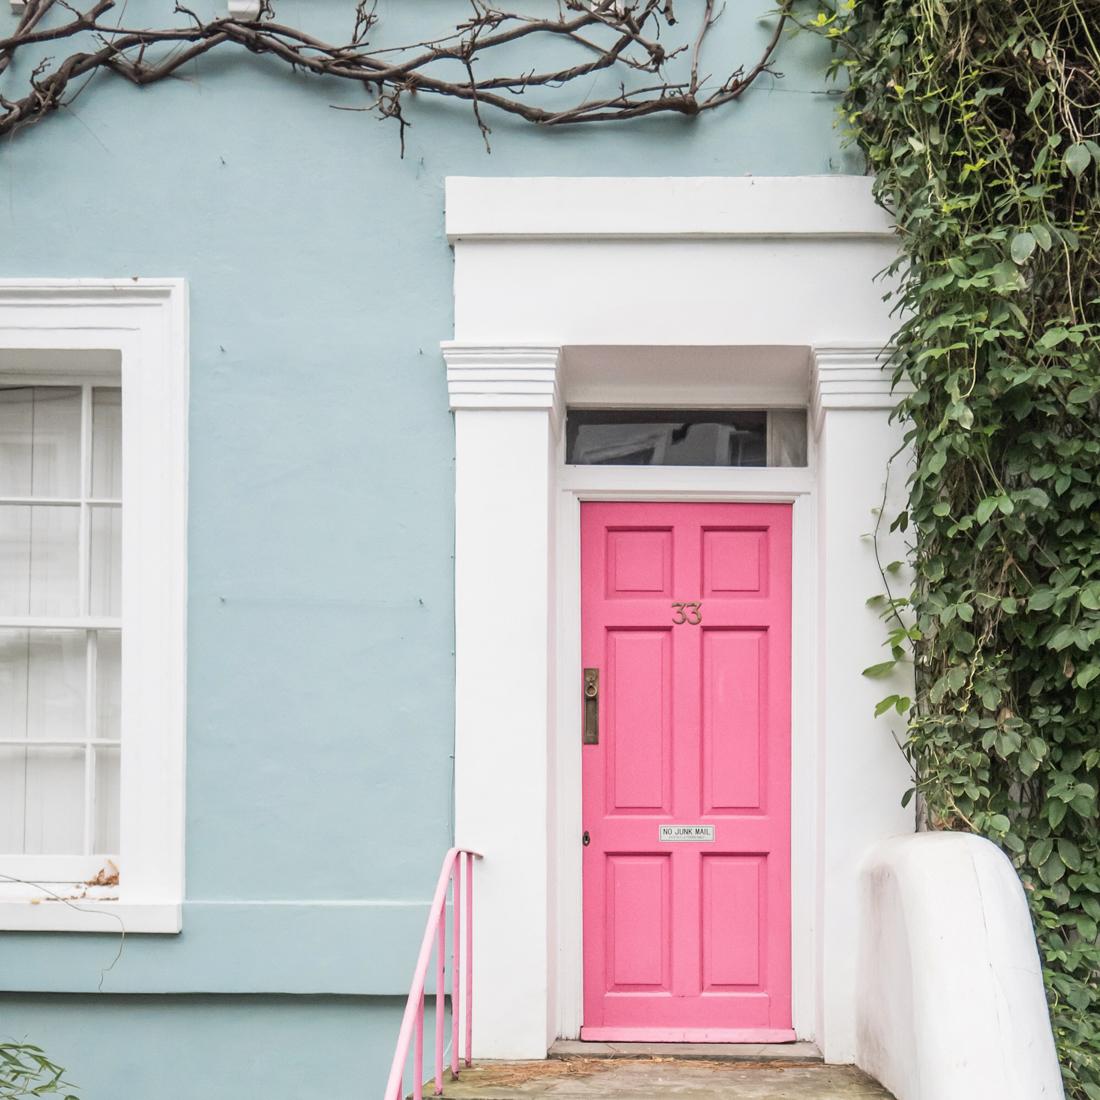 london cityguide abritel shoreditch copyright Pauline paulinefashionblog com 32 Un week end à Londres